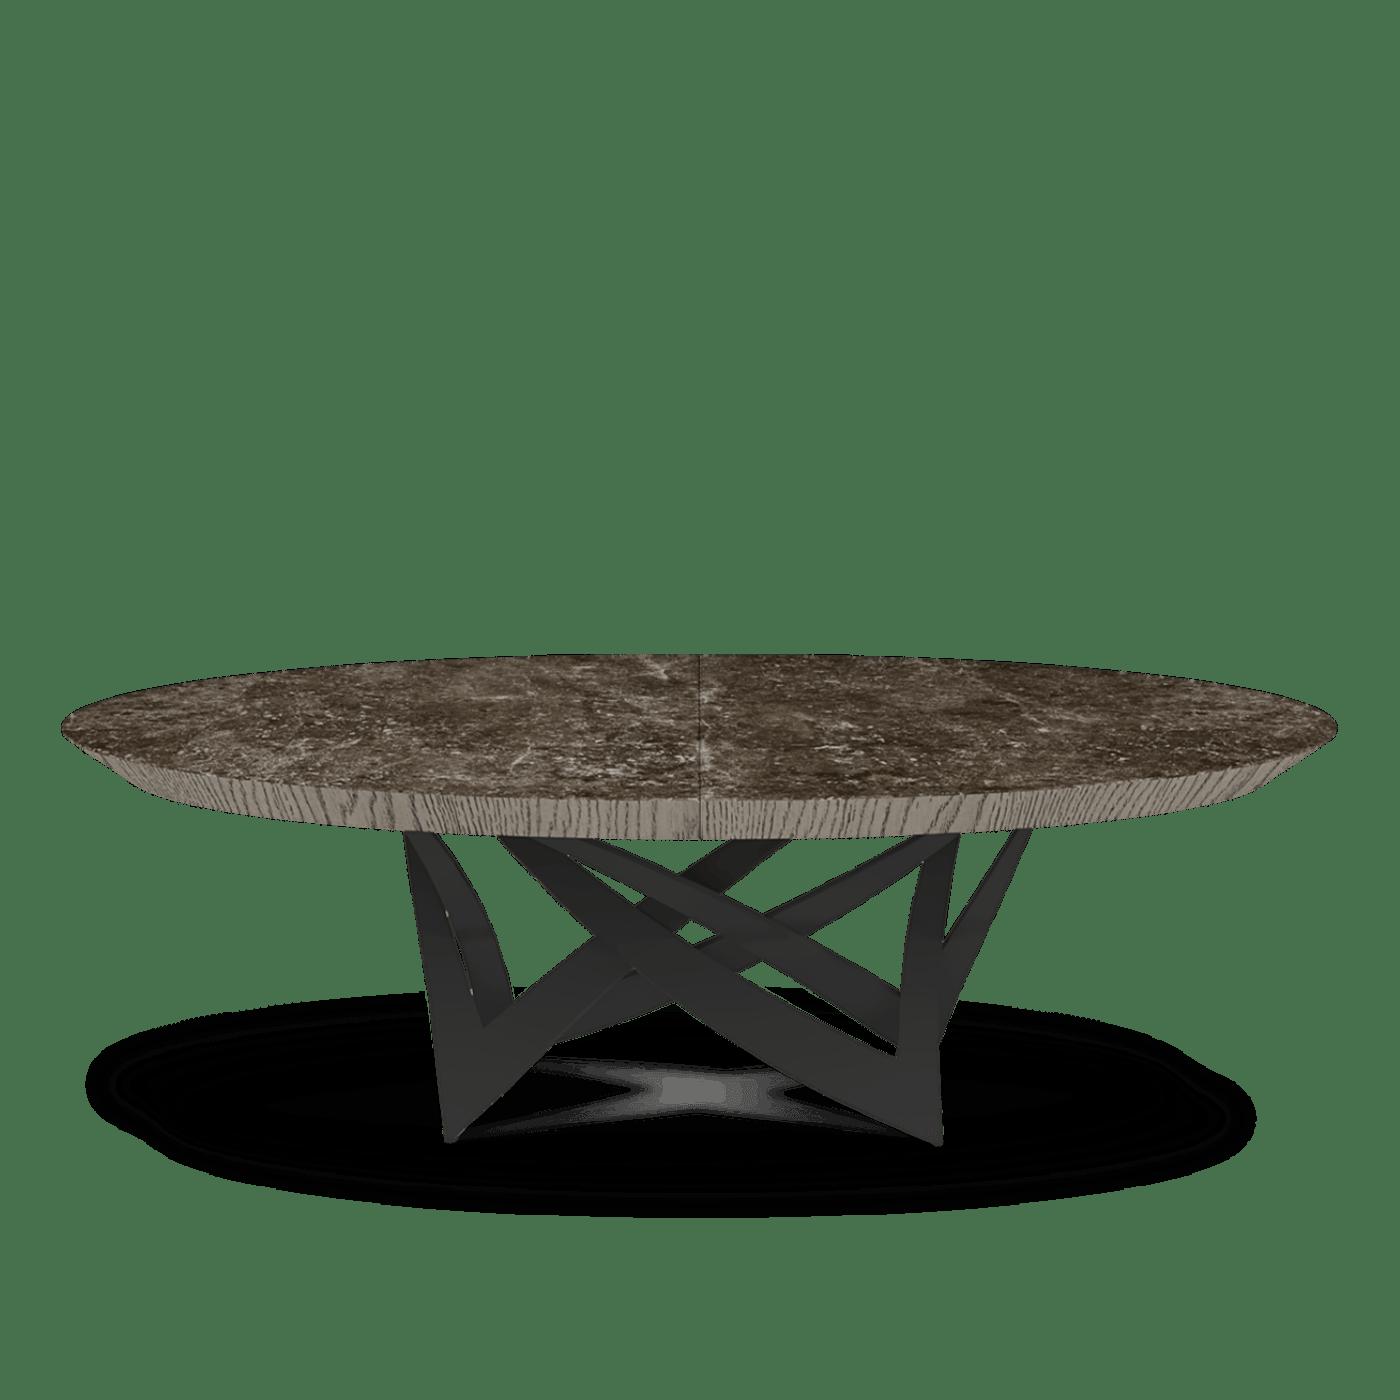 Table Vautier